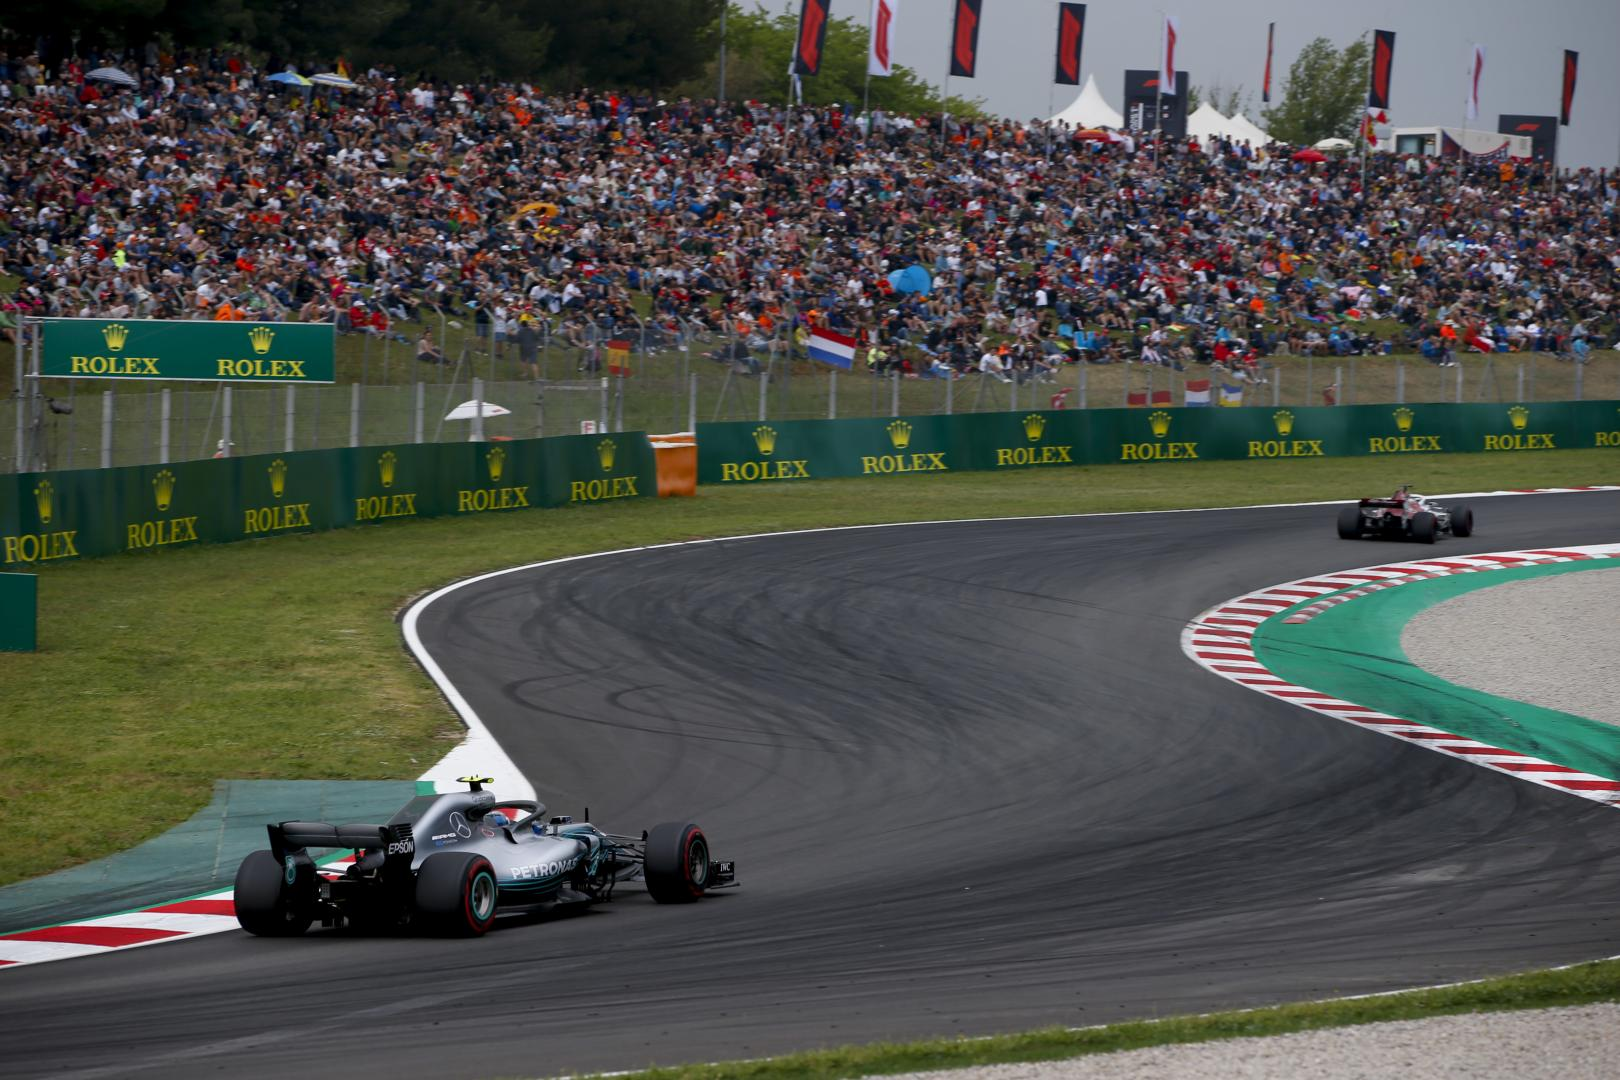 Uitslag van de GP van Spanje 2018Uitslag van de GP van Spanje 2018